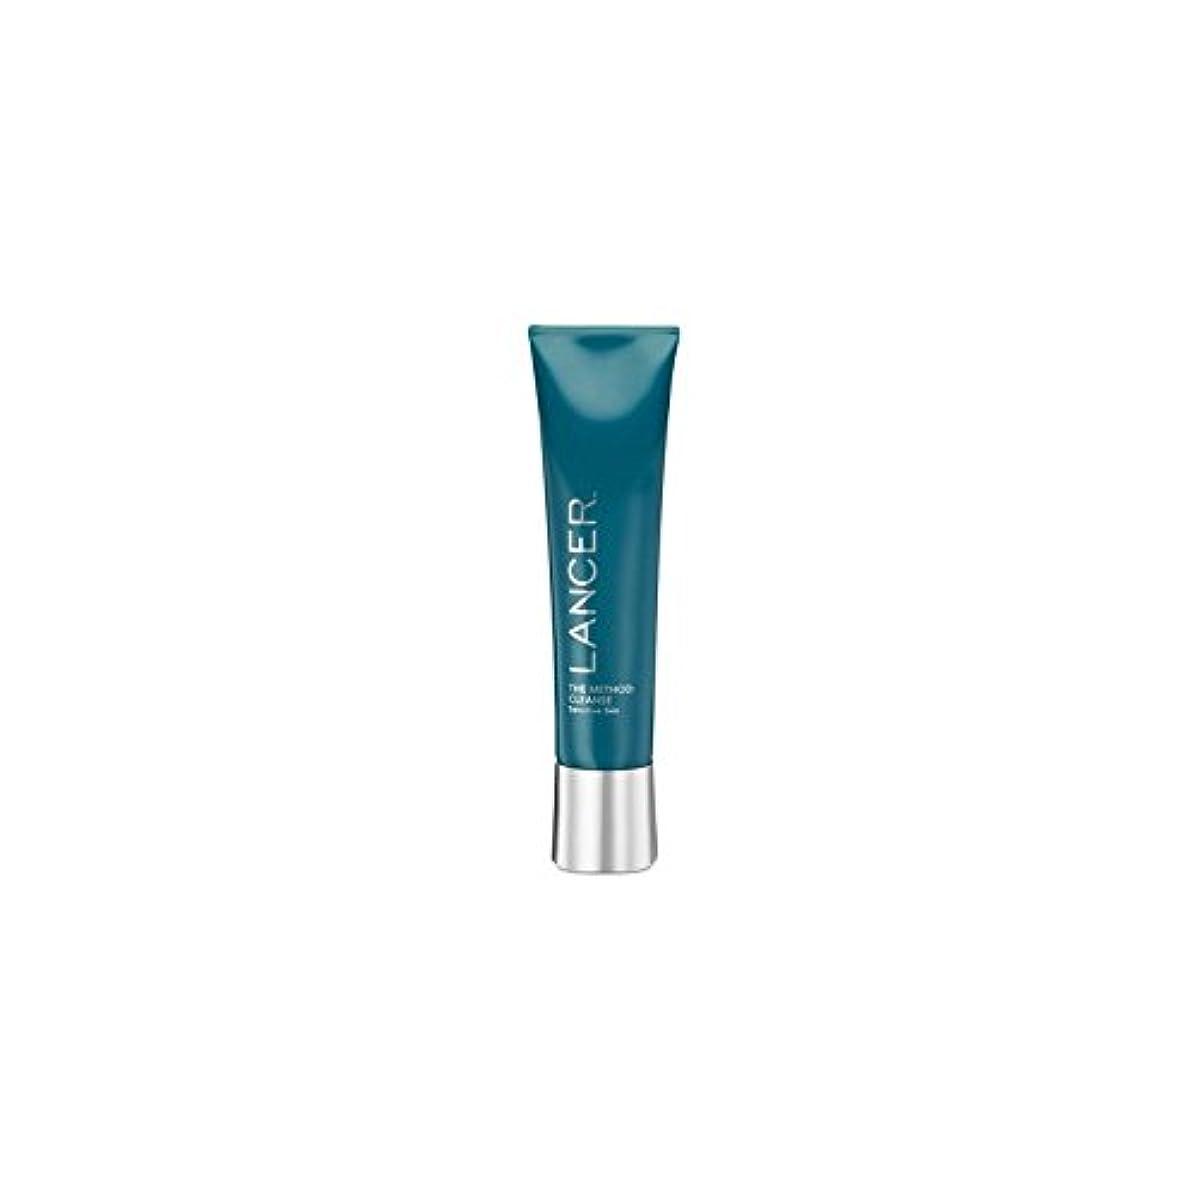 カポック核すでにLancer Skincare The Method: Cleanser Sensitive Skin (120ml) - クレンザー敏感肌(120ミリリットル):ランサーは、メソッドをスキンケア [並行輸入品]